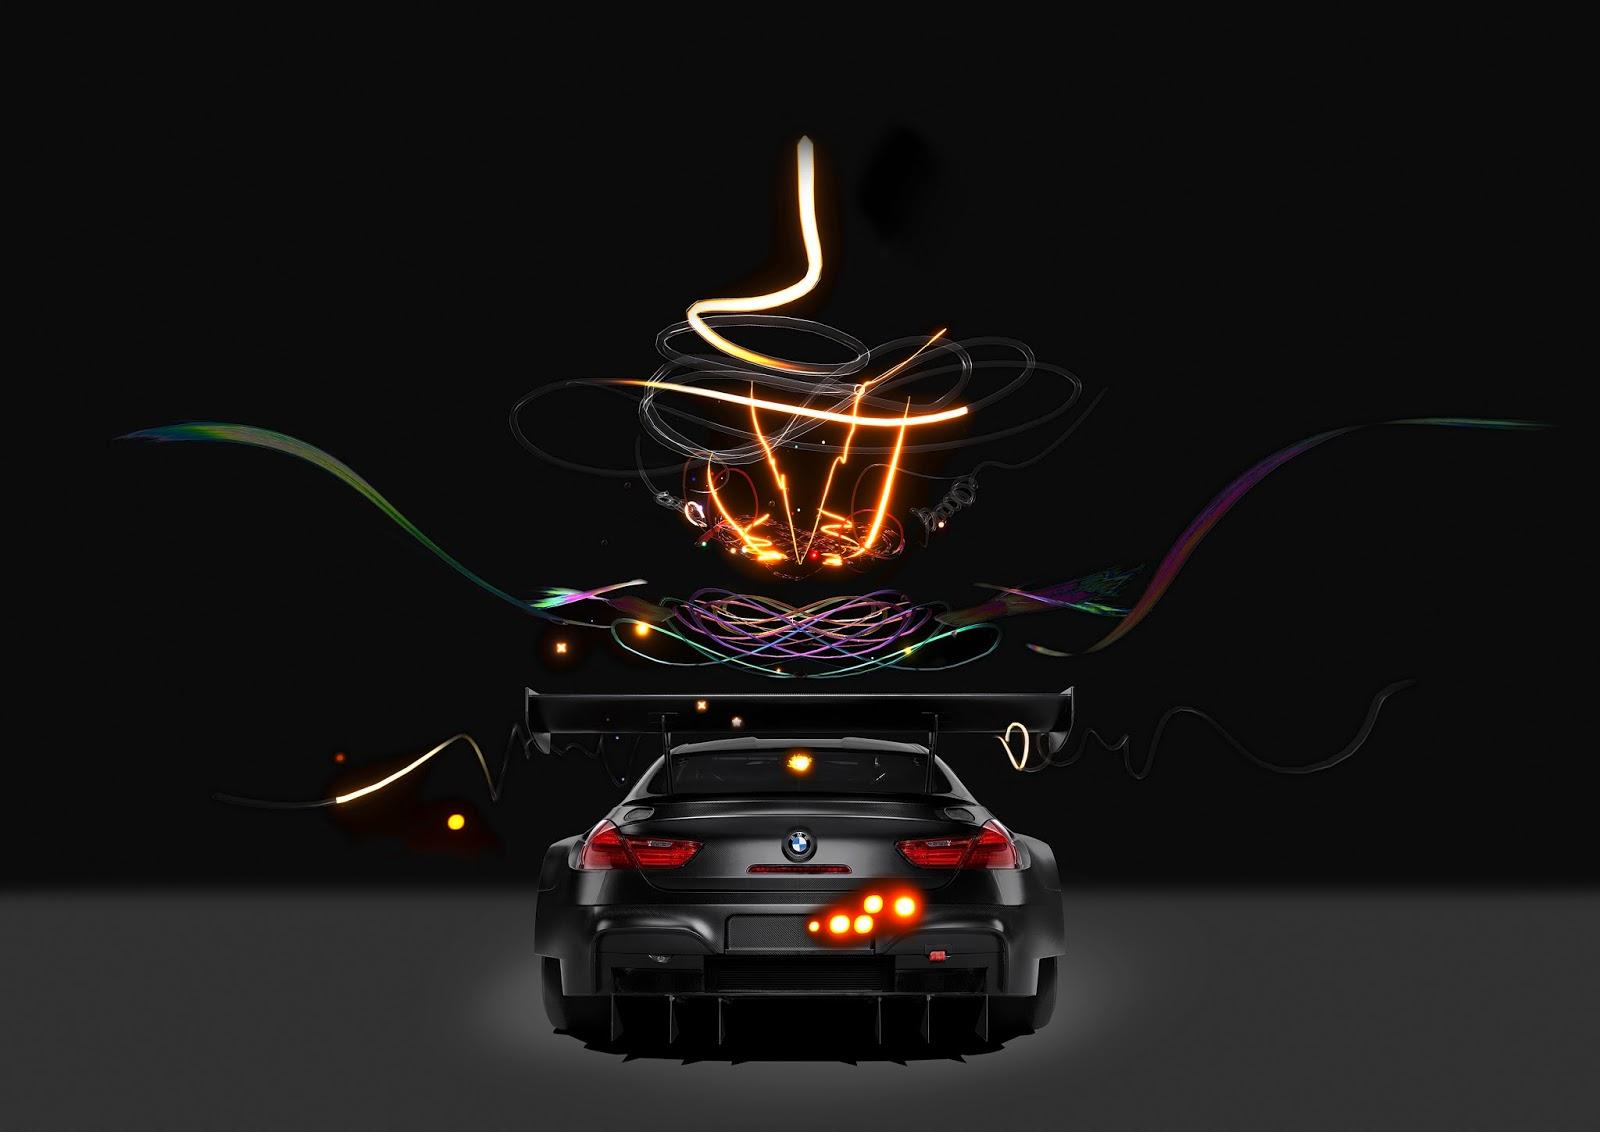 P90259904 highRes bmw art car 18 by ca 1 Μια BMW M6 GT3 το πρώτο ψηφιακό Art Car Art, BMW, Bmw Art Car, BMW M6 GT3